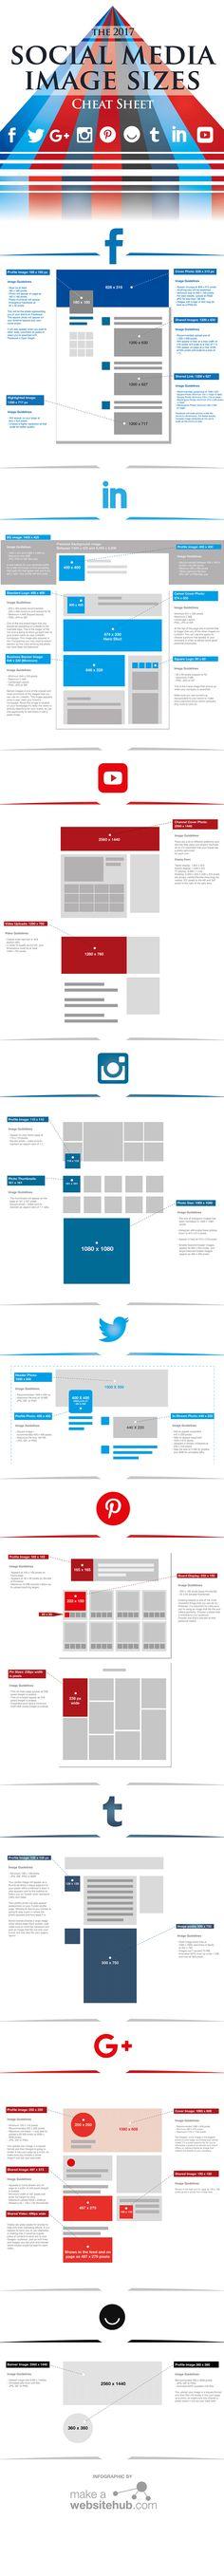 Wie groß muss mein Header bei Twitter sein? Welche Größe benötigt ein Profilbild bei Instagram? Diese Infografik zeigt es ... Kreative nutzen Social Media schon langeals Self-Marketing-Instrument. Auch Agenturen und Unternehmen betreiben heutzutage Marketing in eigener Sache übers Netz. Doch oftmals herrschen Unklarheiten über die optimal zu nutzenden Bildergrößen oder diese müssen erst mühsam recherchiert...